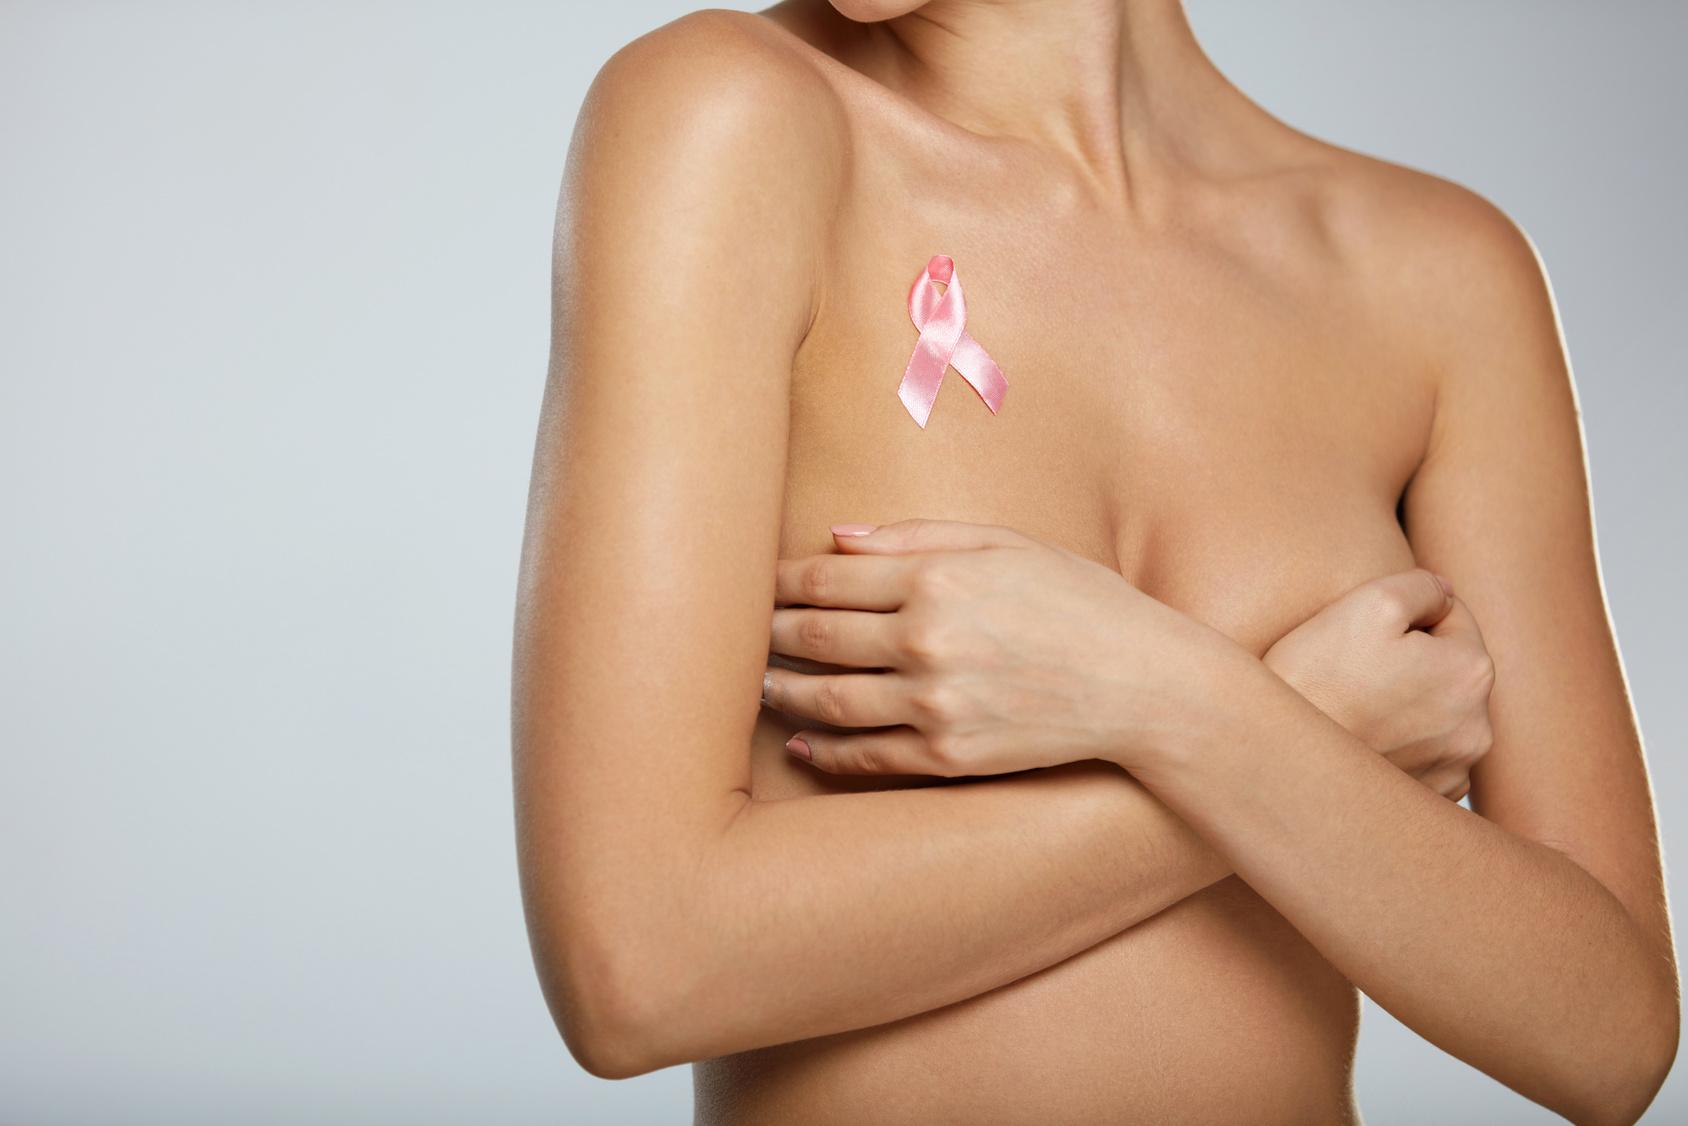 rak piersi a silikonowe implanty